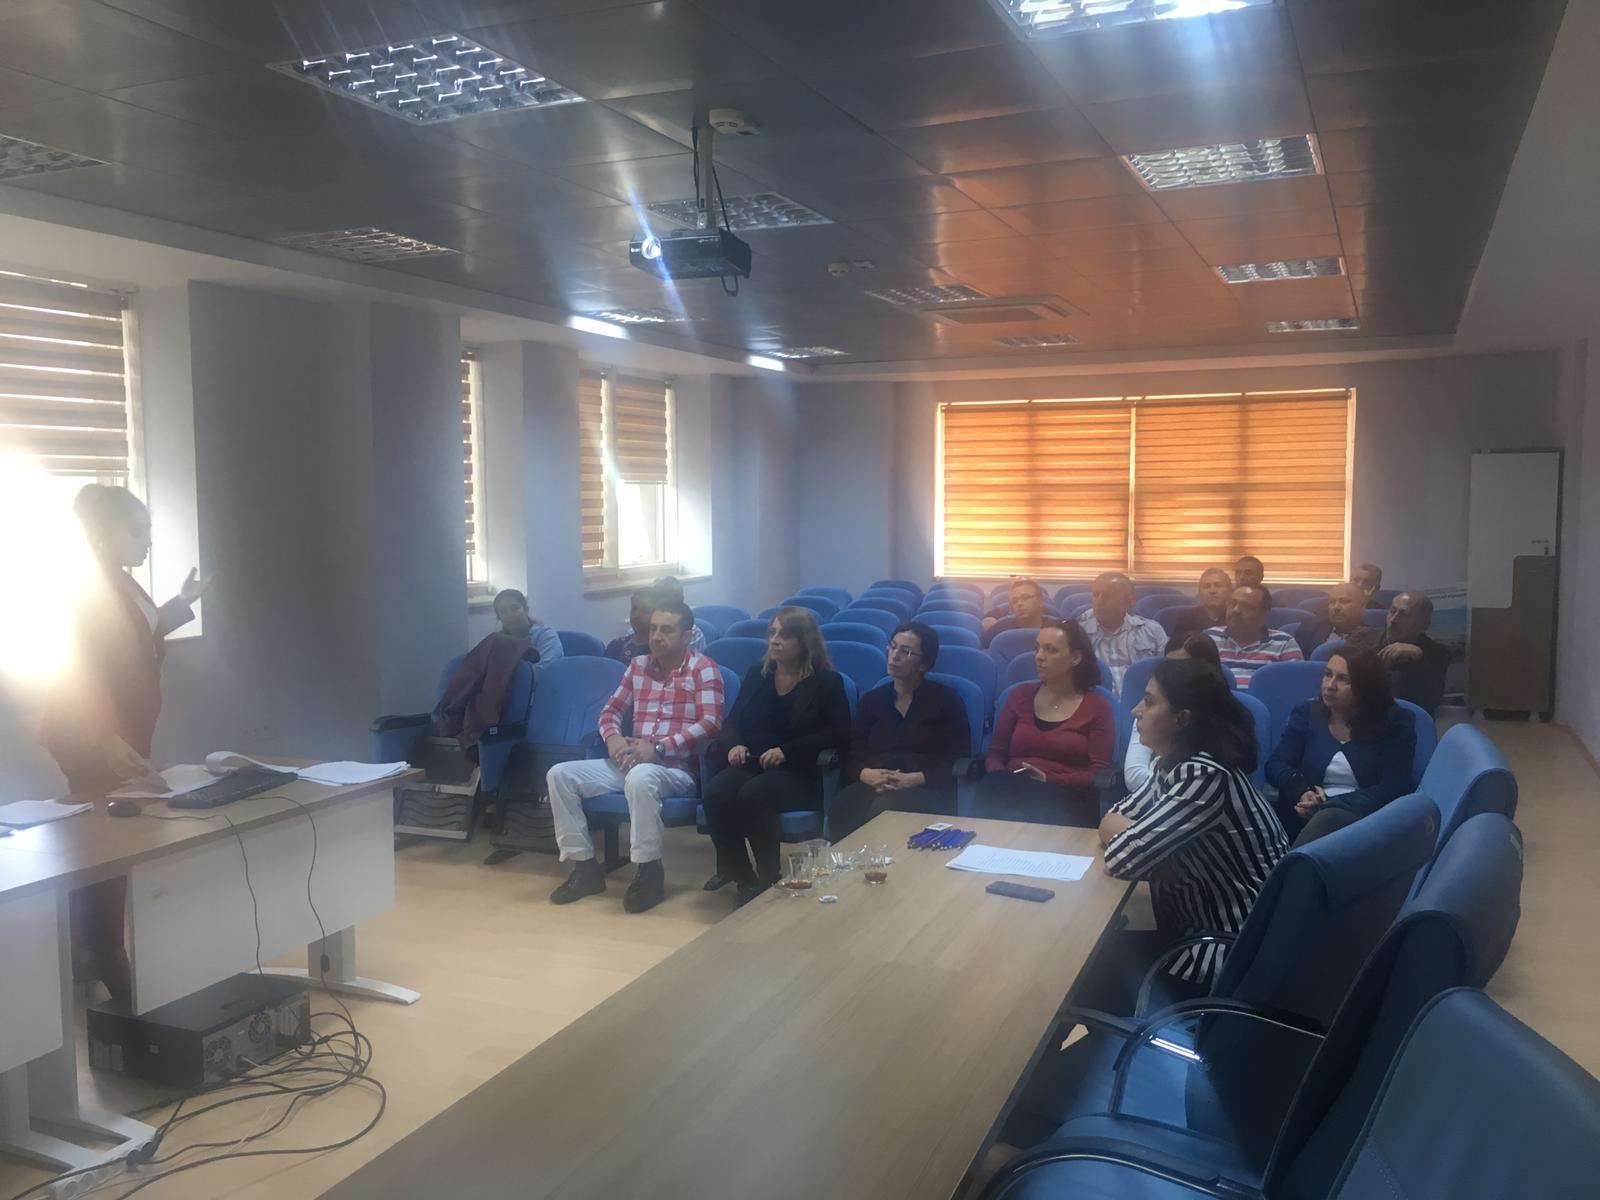 İl Müdürlüğümüz çalışanlarına Burdur Sağlık İl Müdürlüğü uzmanları tarafından